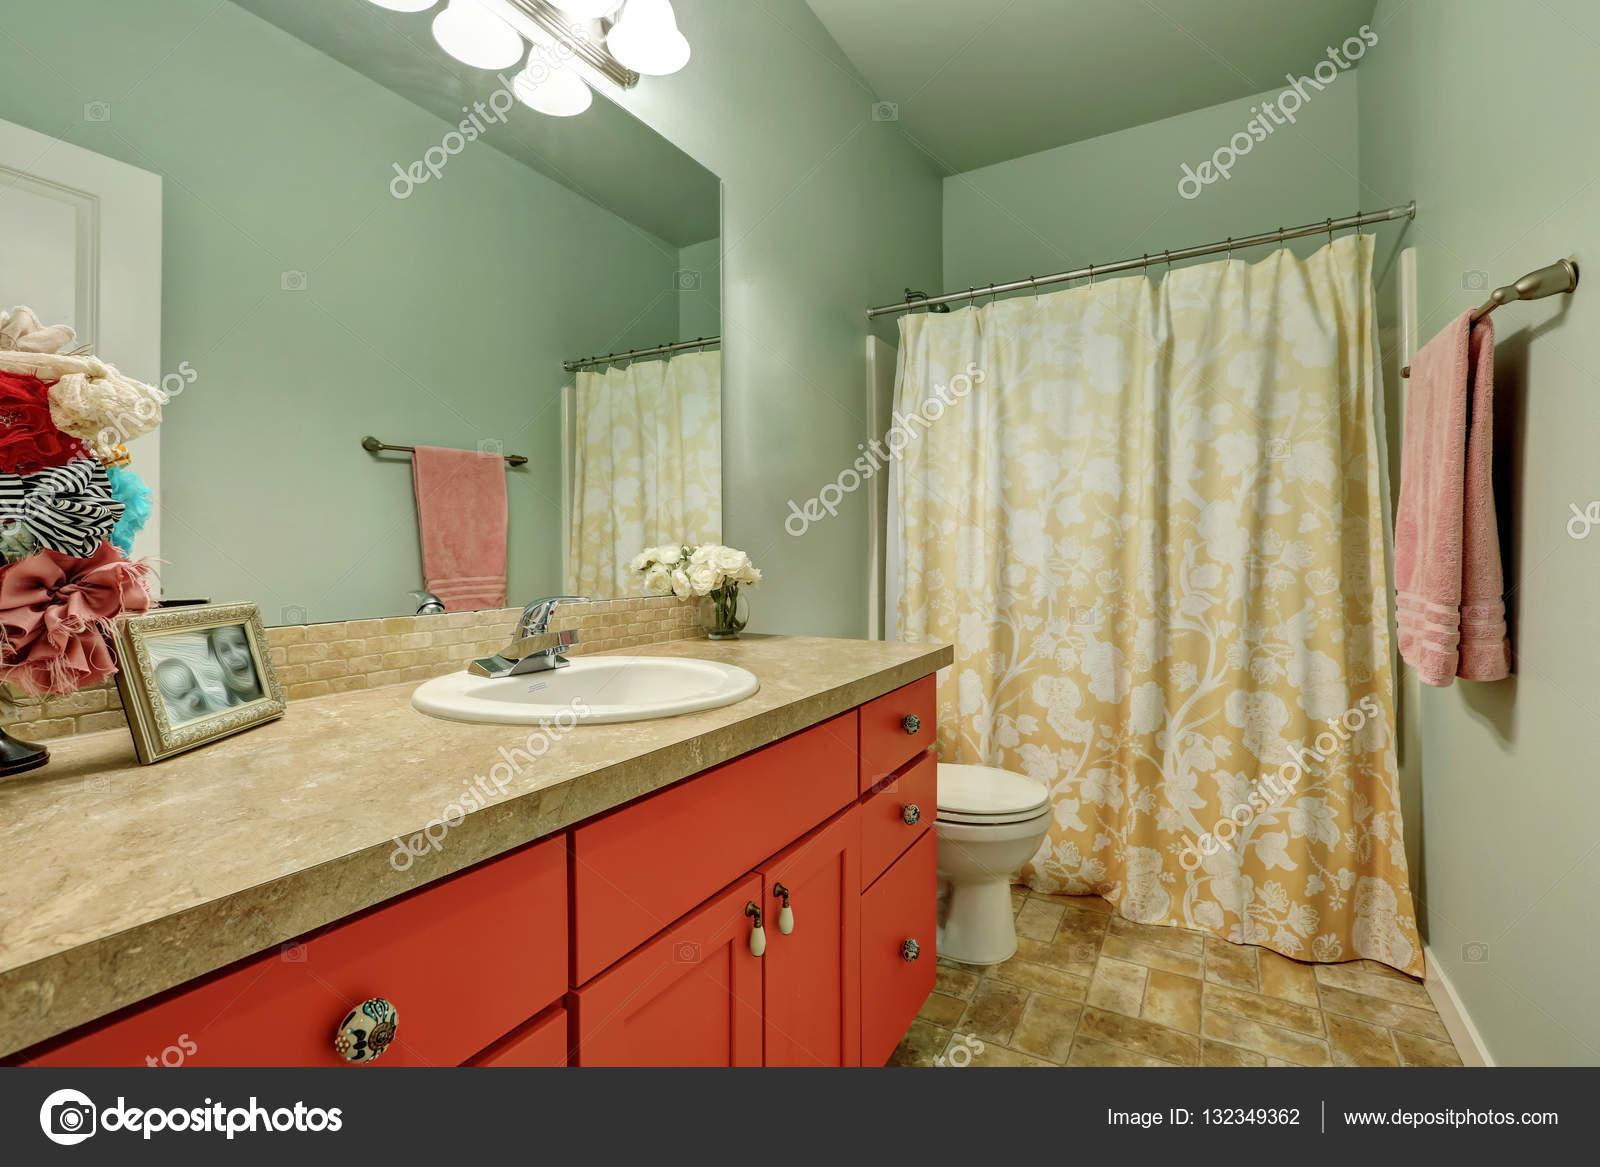 badkamer interieur in combinatie van de groene en rode kleur noordwesten verenigde staten foto van iriana88w